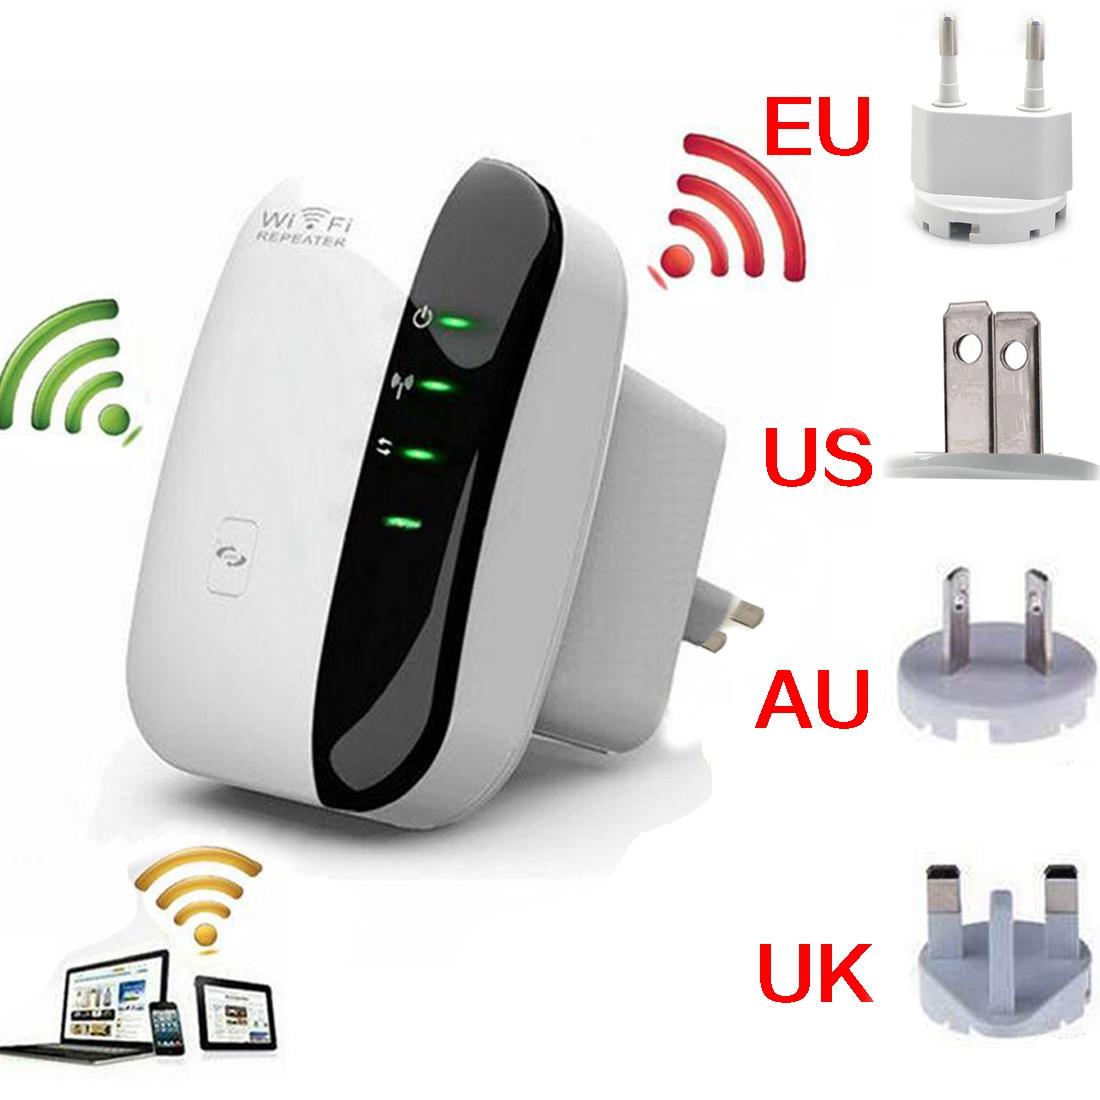 NOYOKERE Wireless-N Wifi Del Ripetitore 802.11n/b/g di Rete Wi Fi Router 300 Mbps Gamma Del Segnale ripetitore WIFI Extender